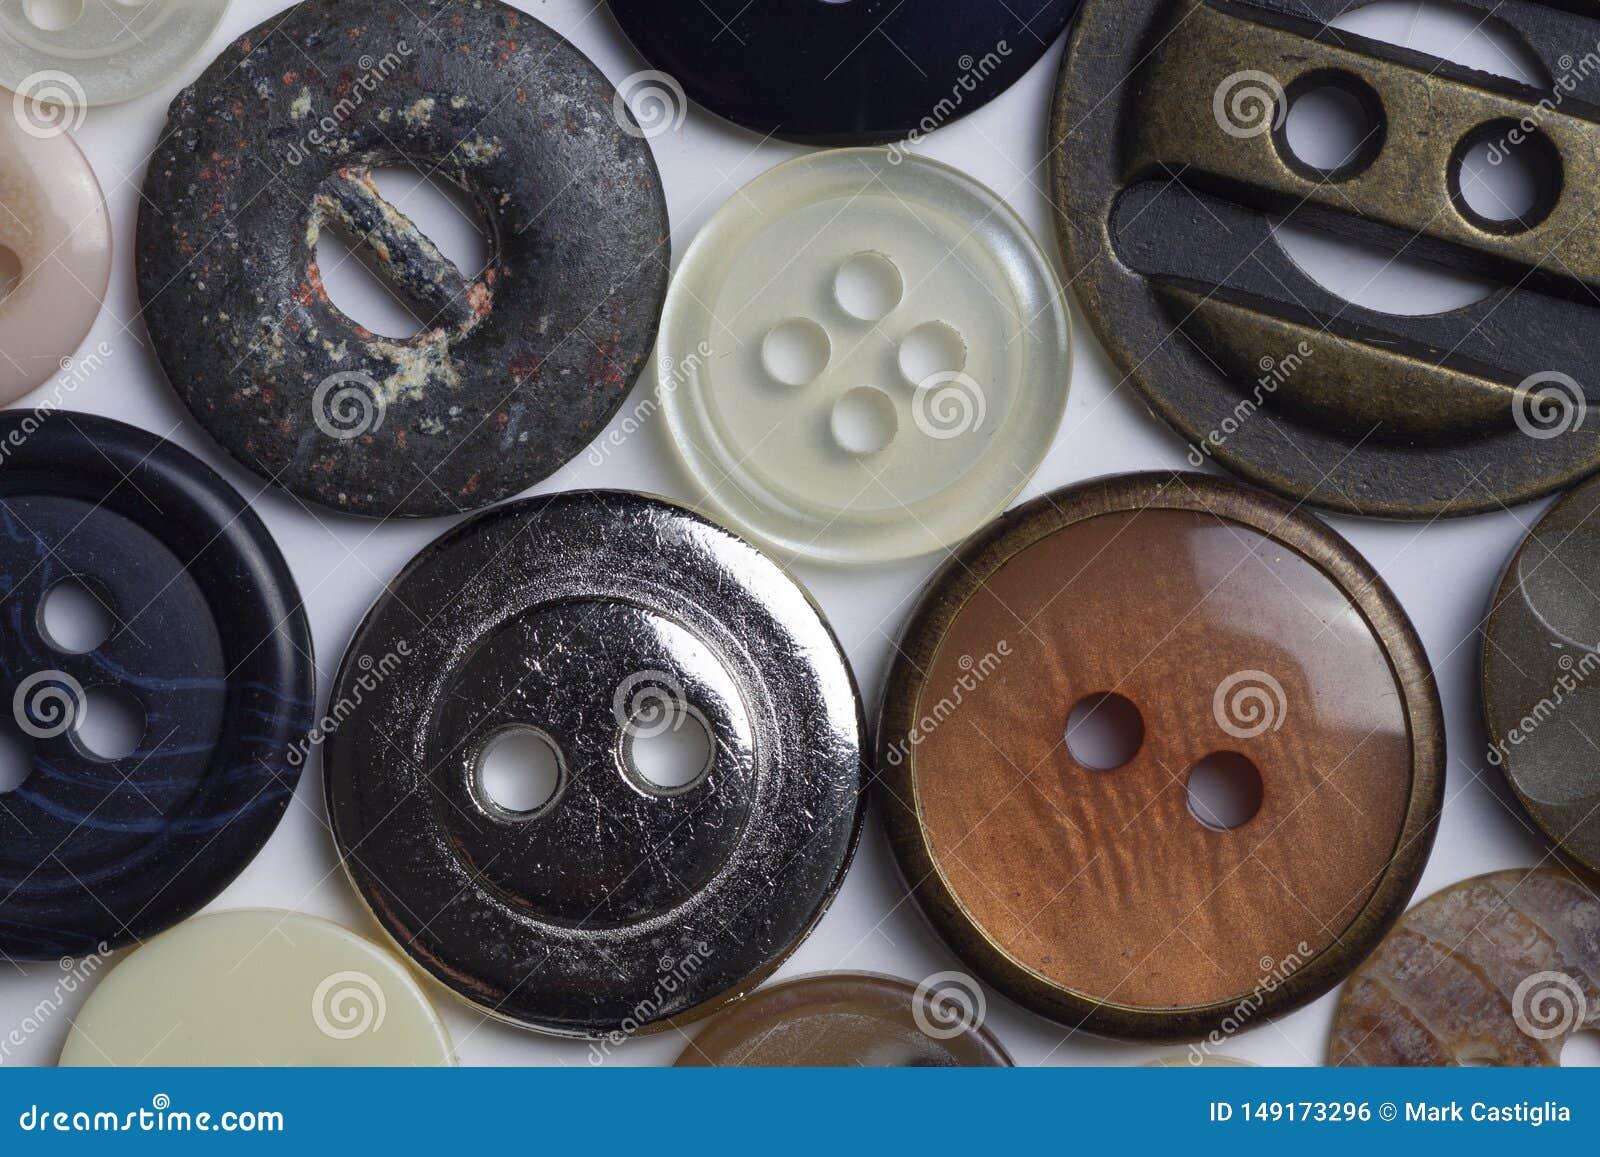 Macromening van knopen en bevestigingsmiddelen met geassorteerde kleuren en texturen